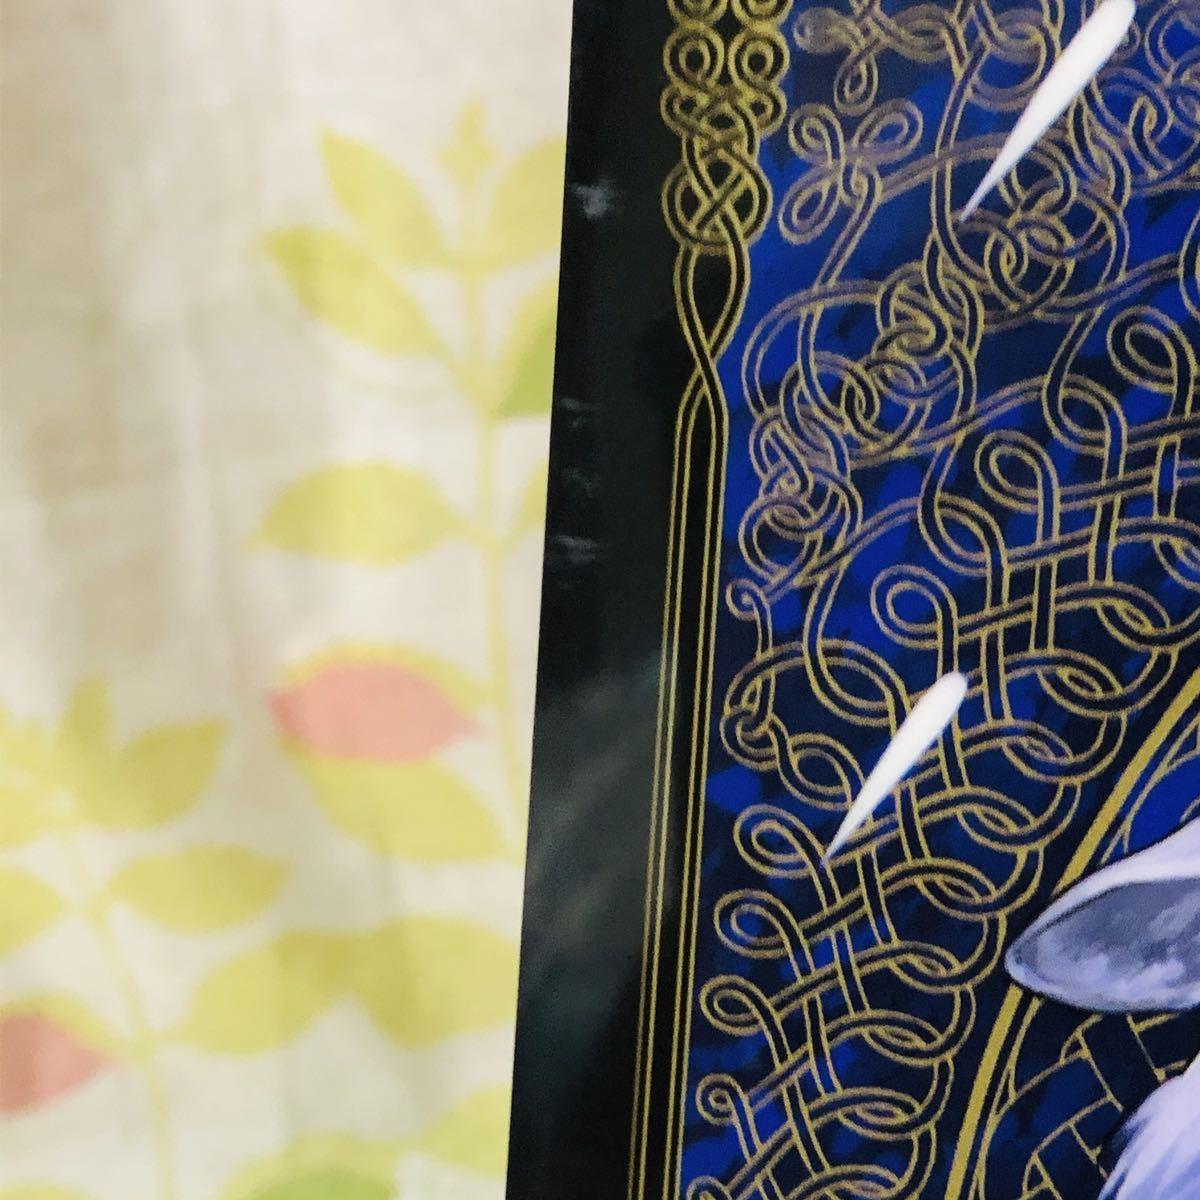 TAROT -ENIE- MAYA TAKAMURA クリアファイル 2枚セット ENIE 女教皇&月 タロット 高村真耶 コトブキヤ_画像4